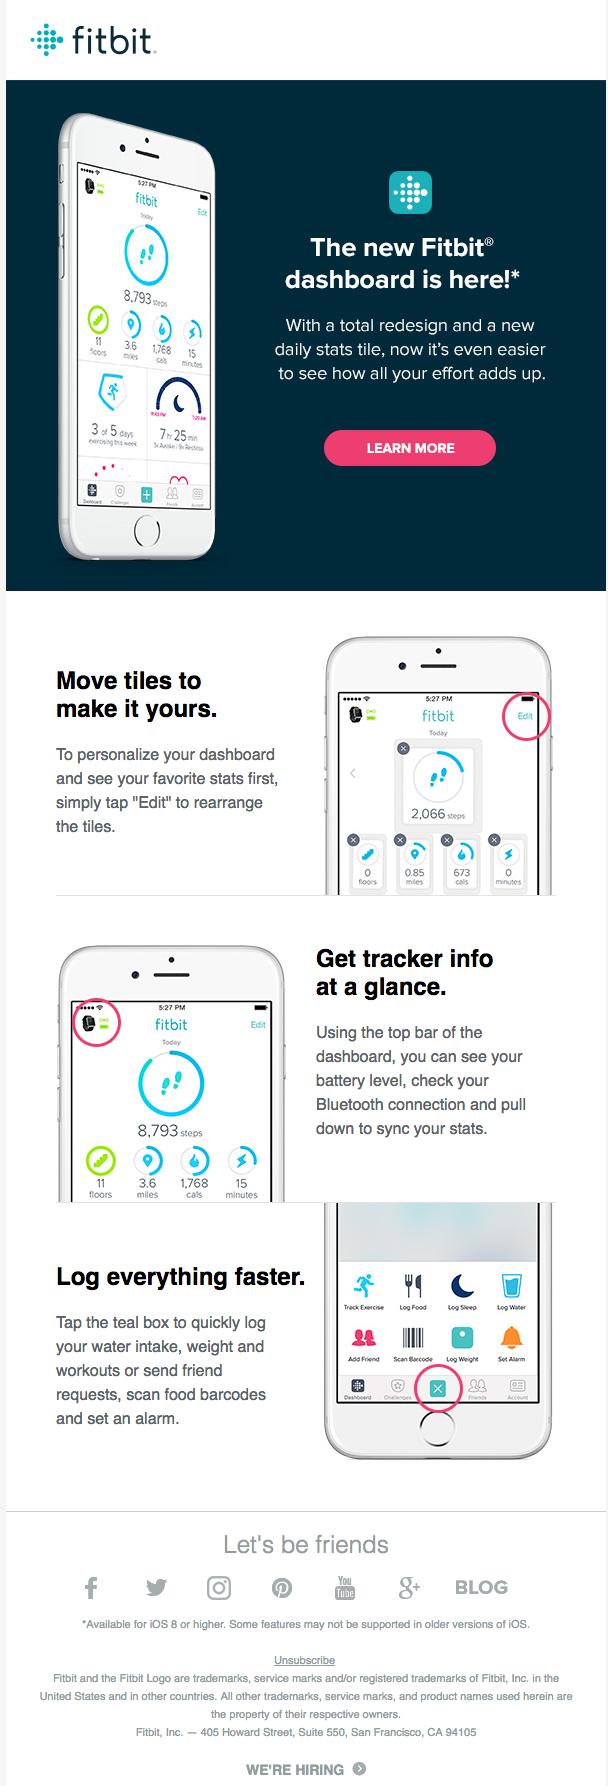 fitbit email design stream